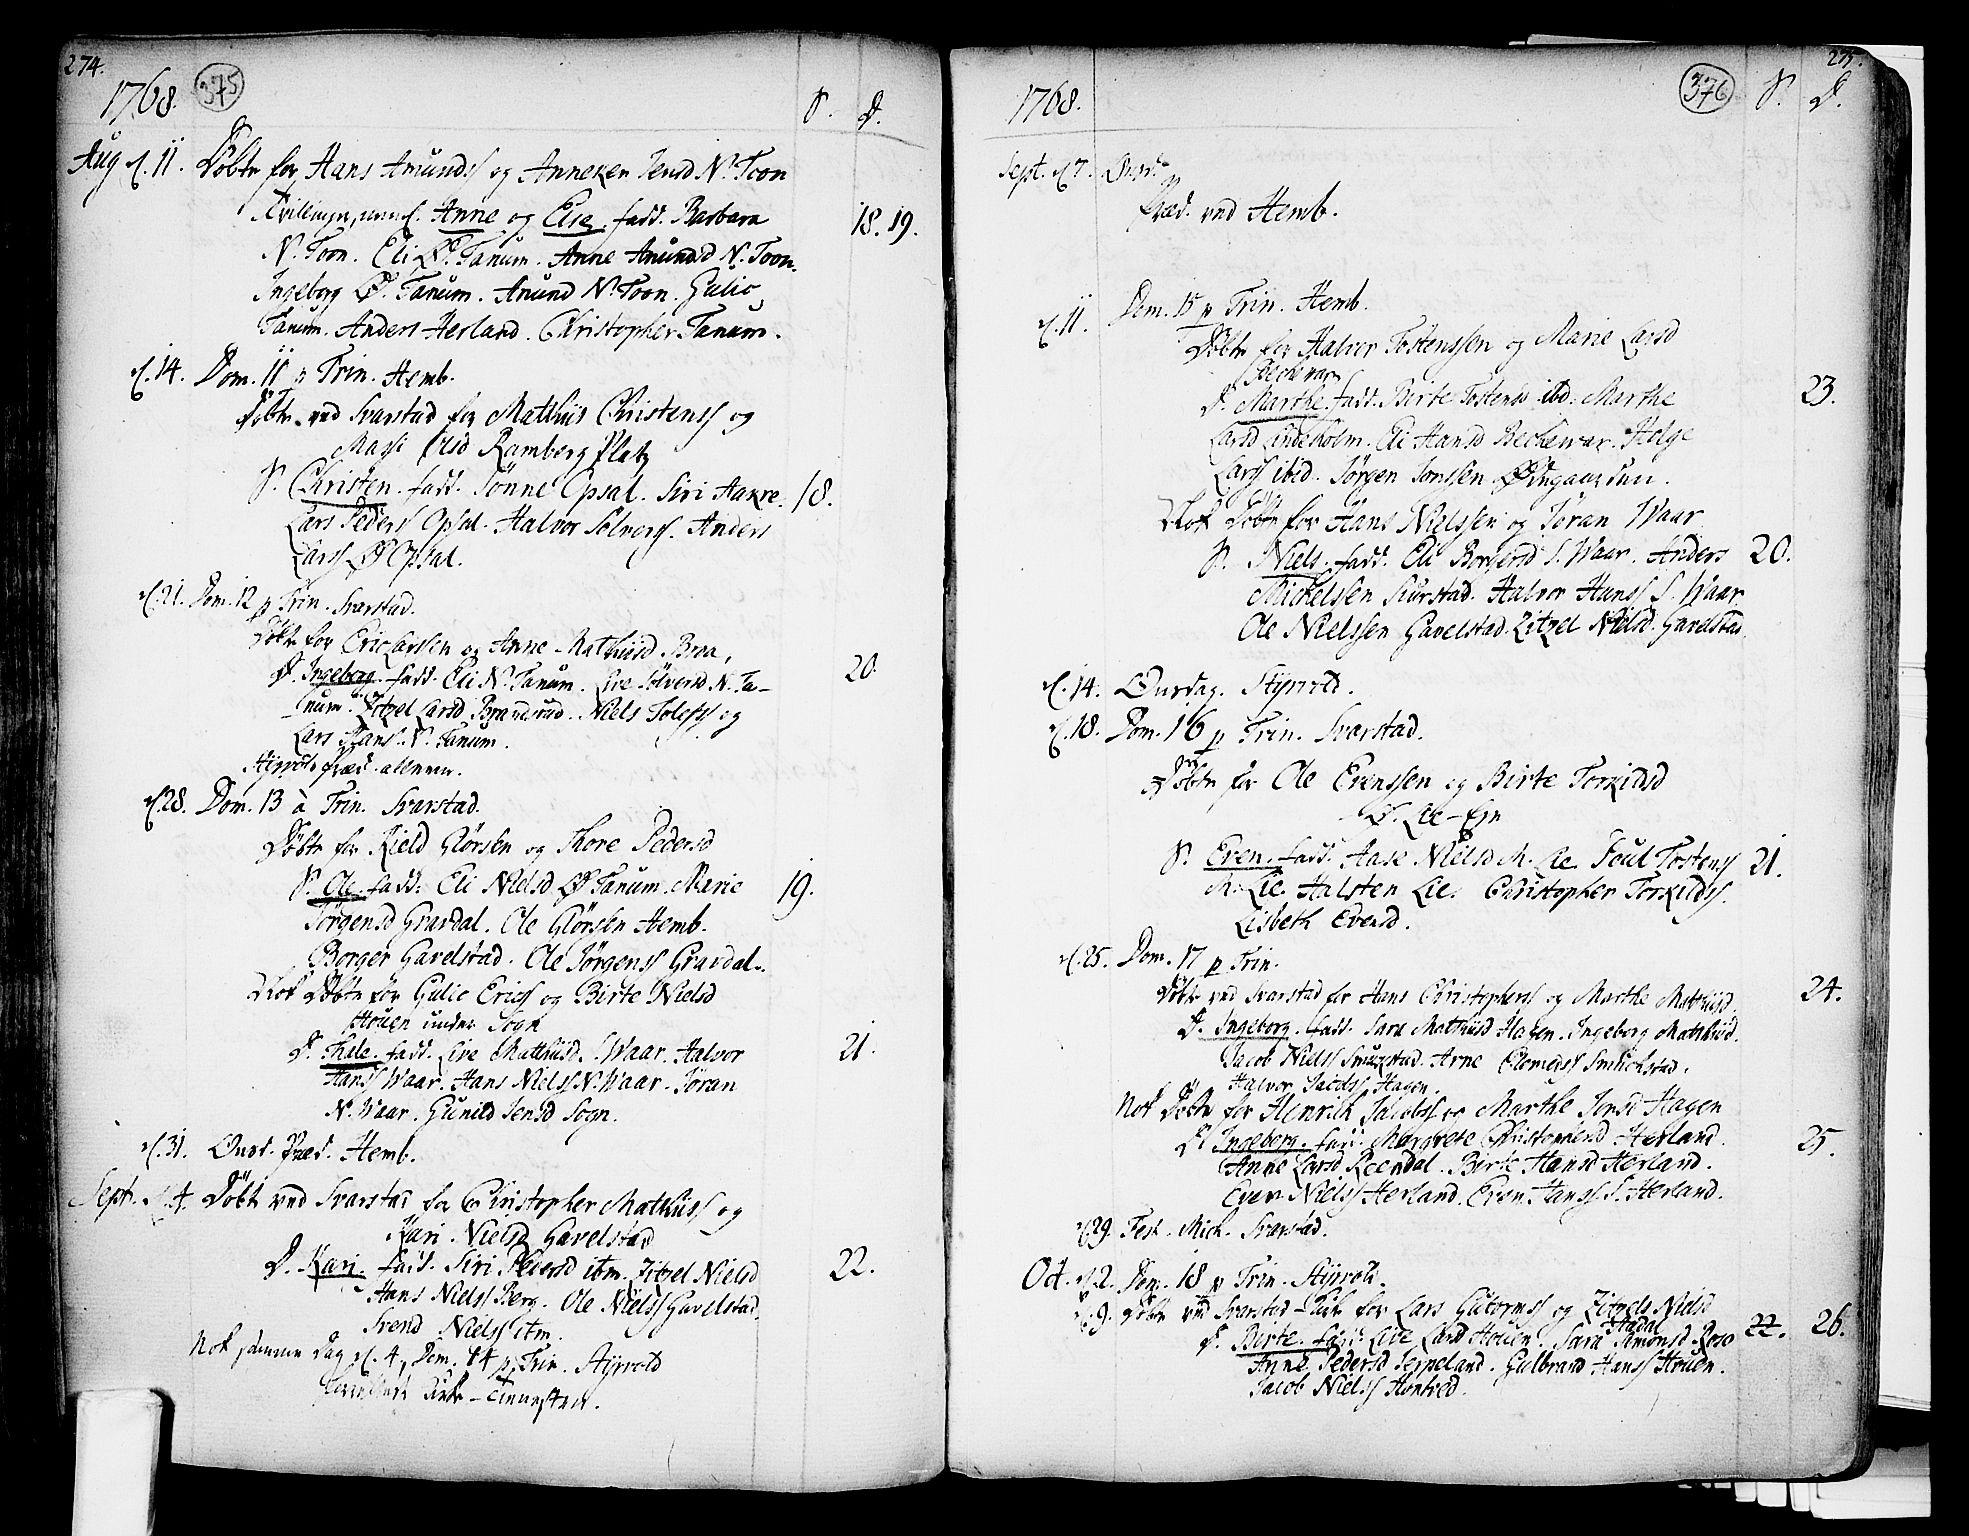 SAKO, Lardal kirkebøker, F/Fa/L0003: Ministerialbok nr. I 3, 1733-1815, s. 375-376